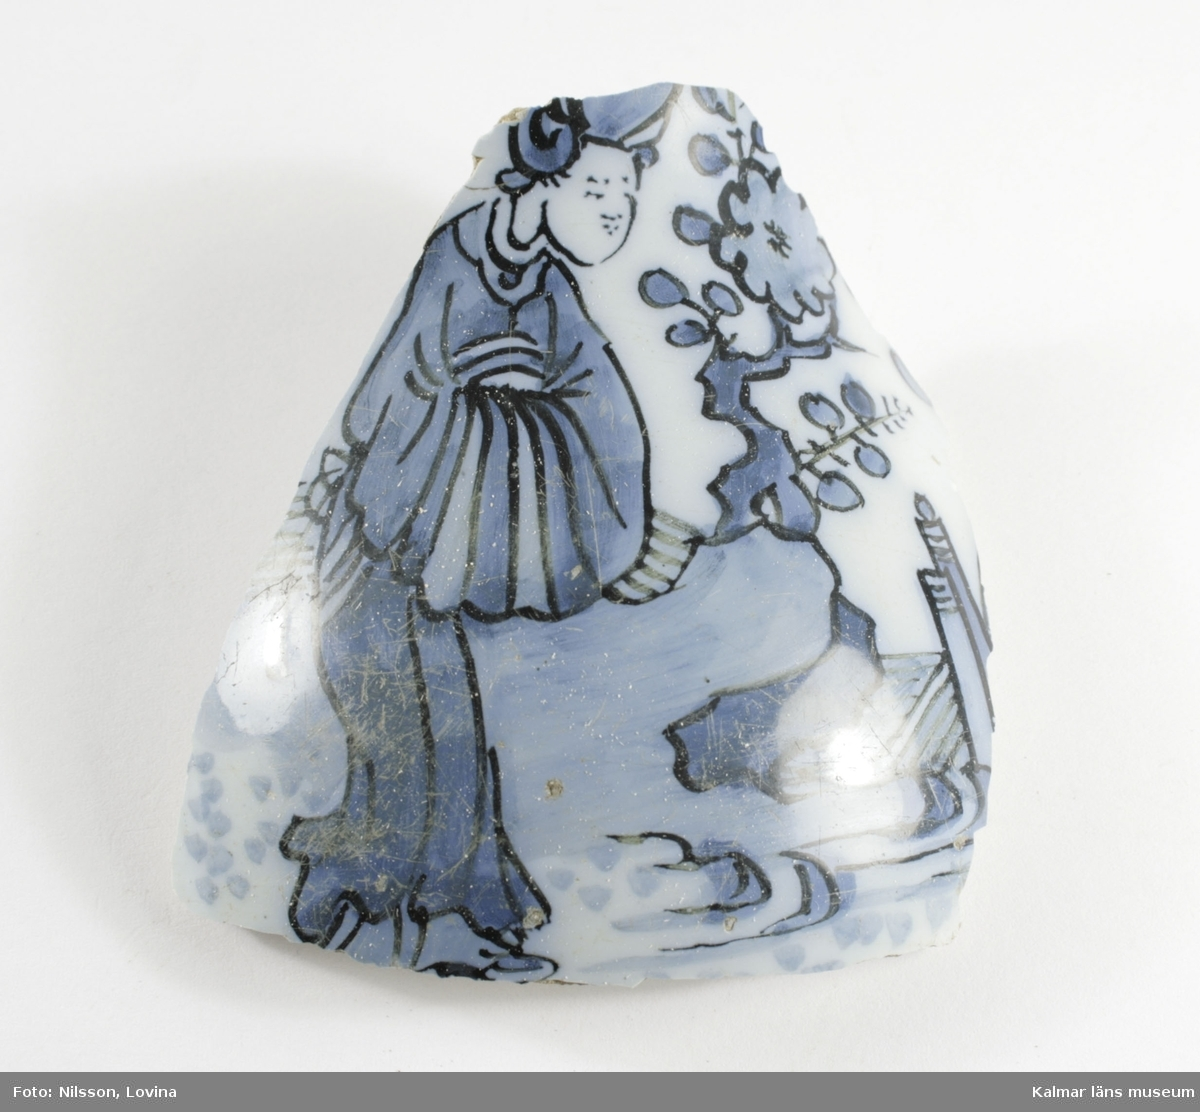 KLM 25037. Keramikfragment. Keramikfragment av gult gods som har vit glasyr invändigt och blå dekor utvändigt. Dekoren är ett kinesiskt sagomotiv: en kvinnofigur (geisha), ett träd med en stor blomma och delar av en borg.